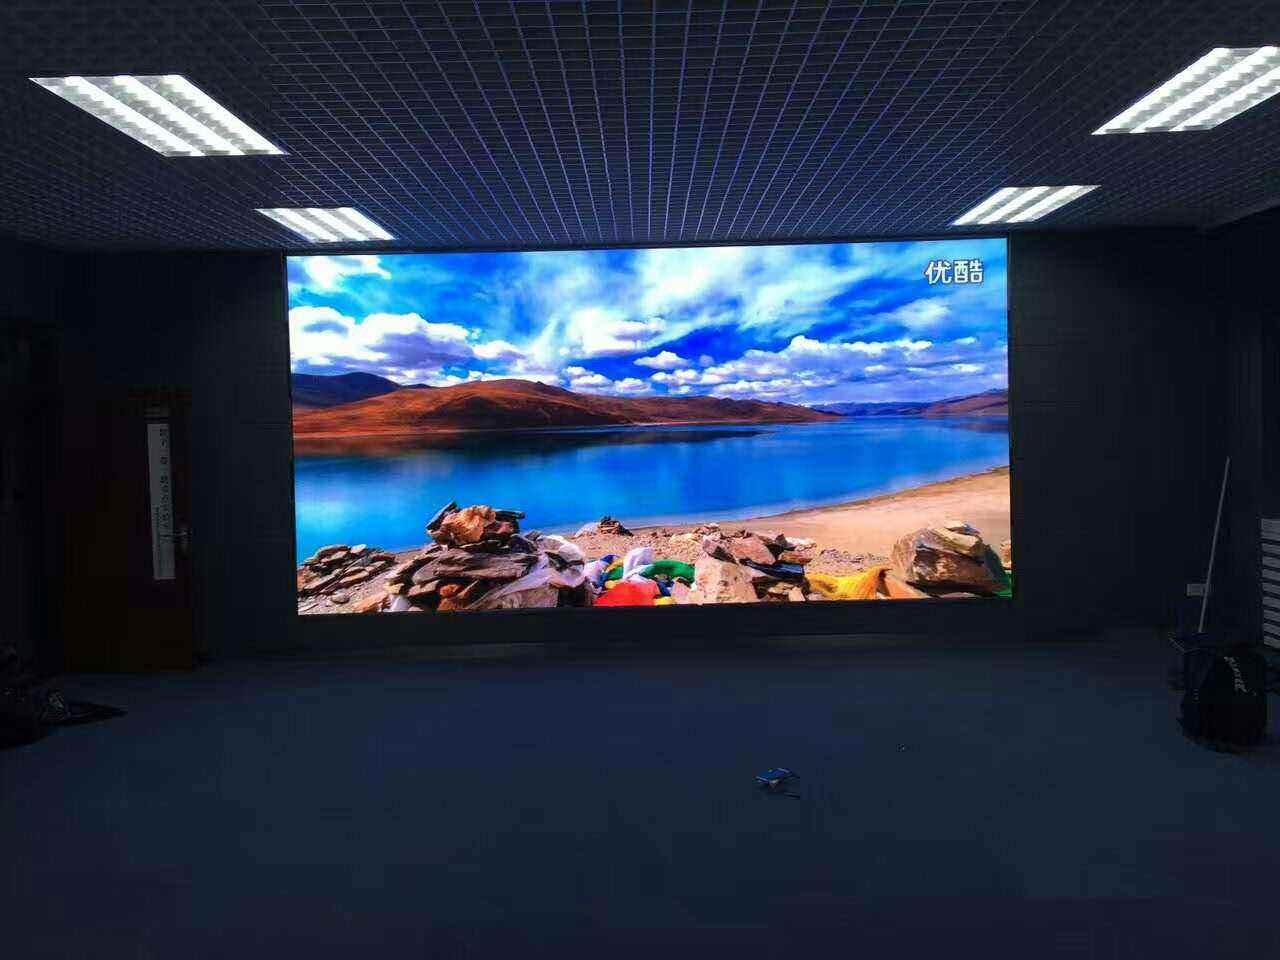 佛山强力巨彩|户外广告大屏幕|单双色滚动屏|全彩led显示屏